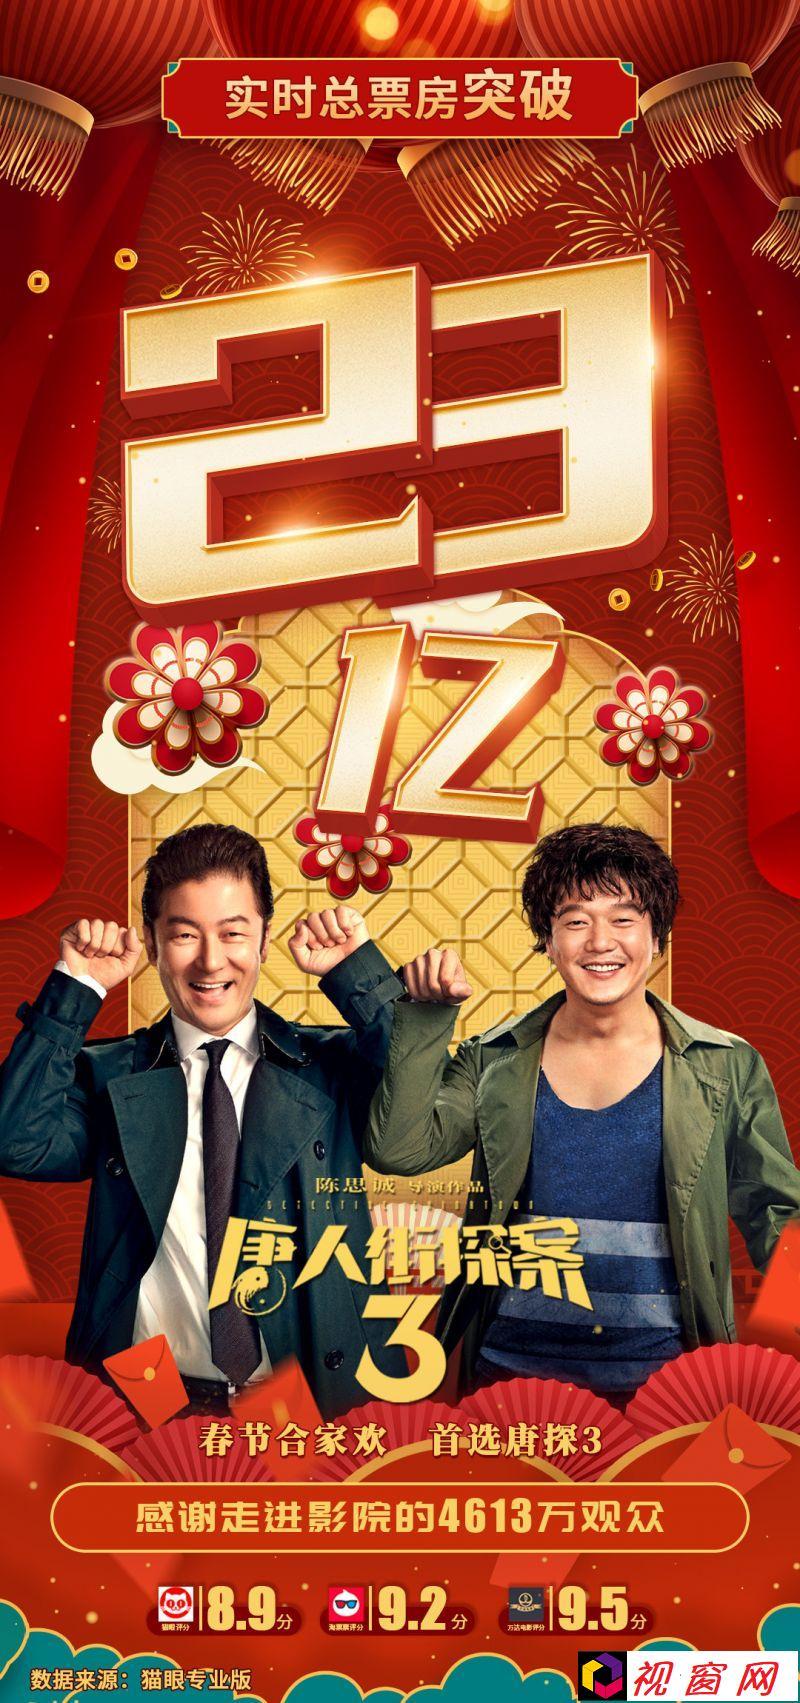 电影《唐人街探案3》票房破23亿!!成为中国影史春节档观影人次No.2!